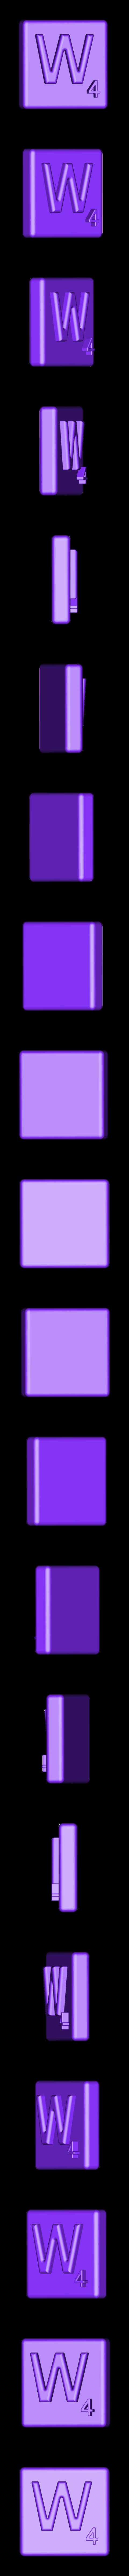 Single_Extruded_W.STL Télécharger fichier STL gratuit Pièces et support SCRABBBLE • Design pour imprimante 3D, Balkhagal4D